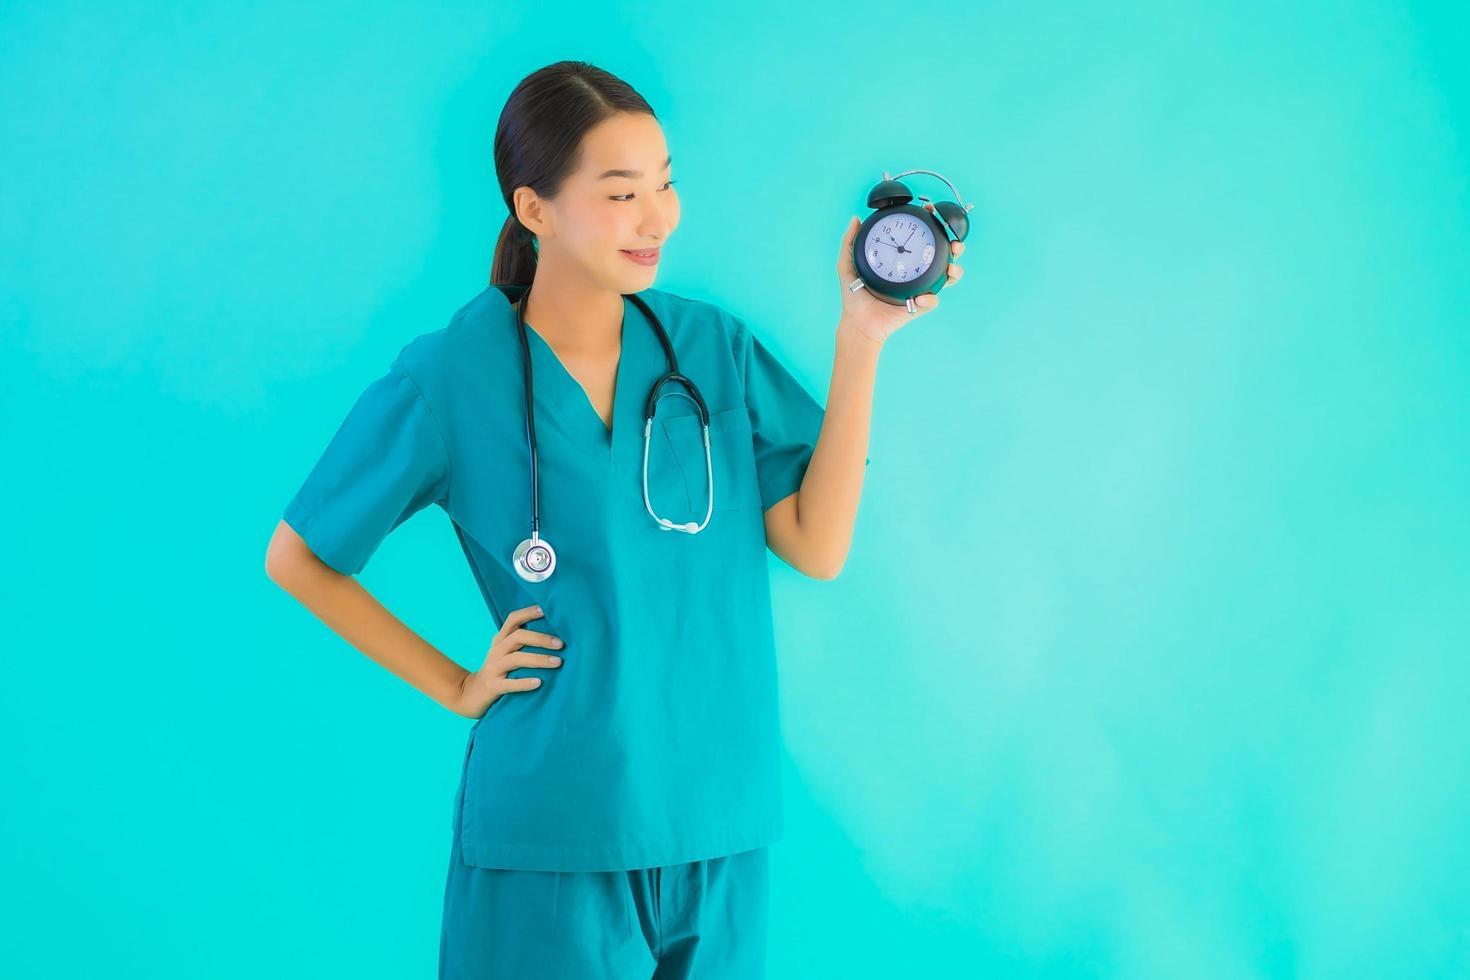 Porträt der Ärztin mit Wecker foto